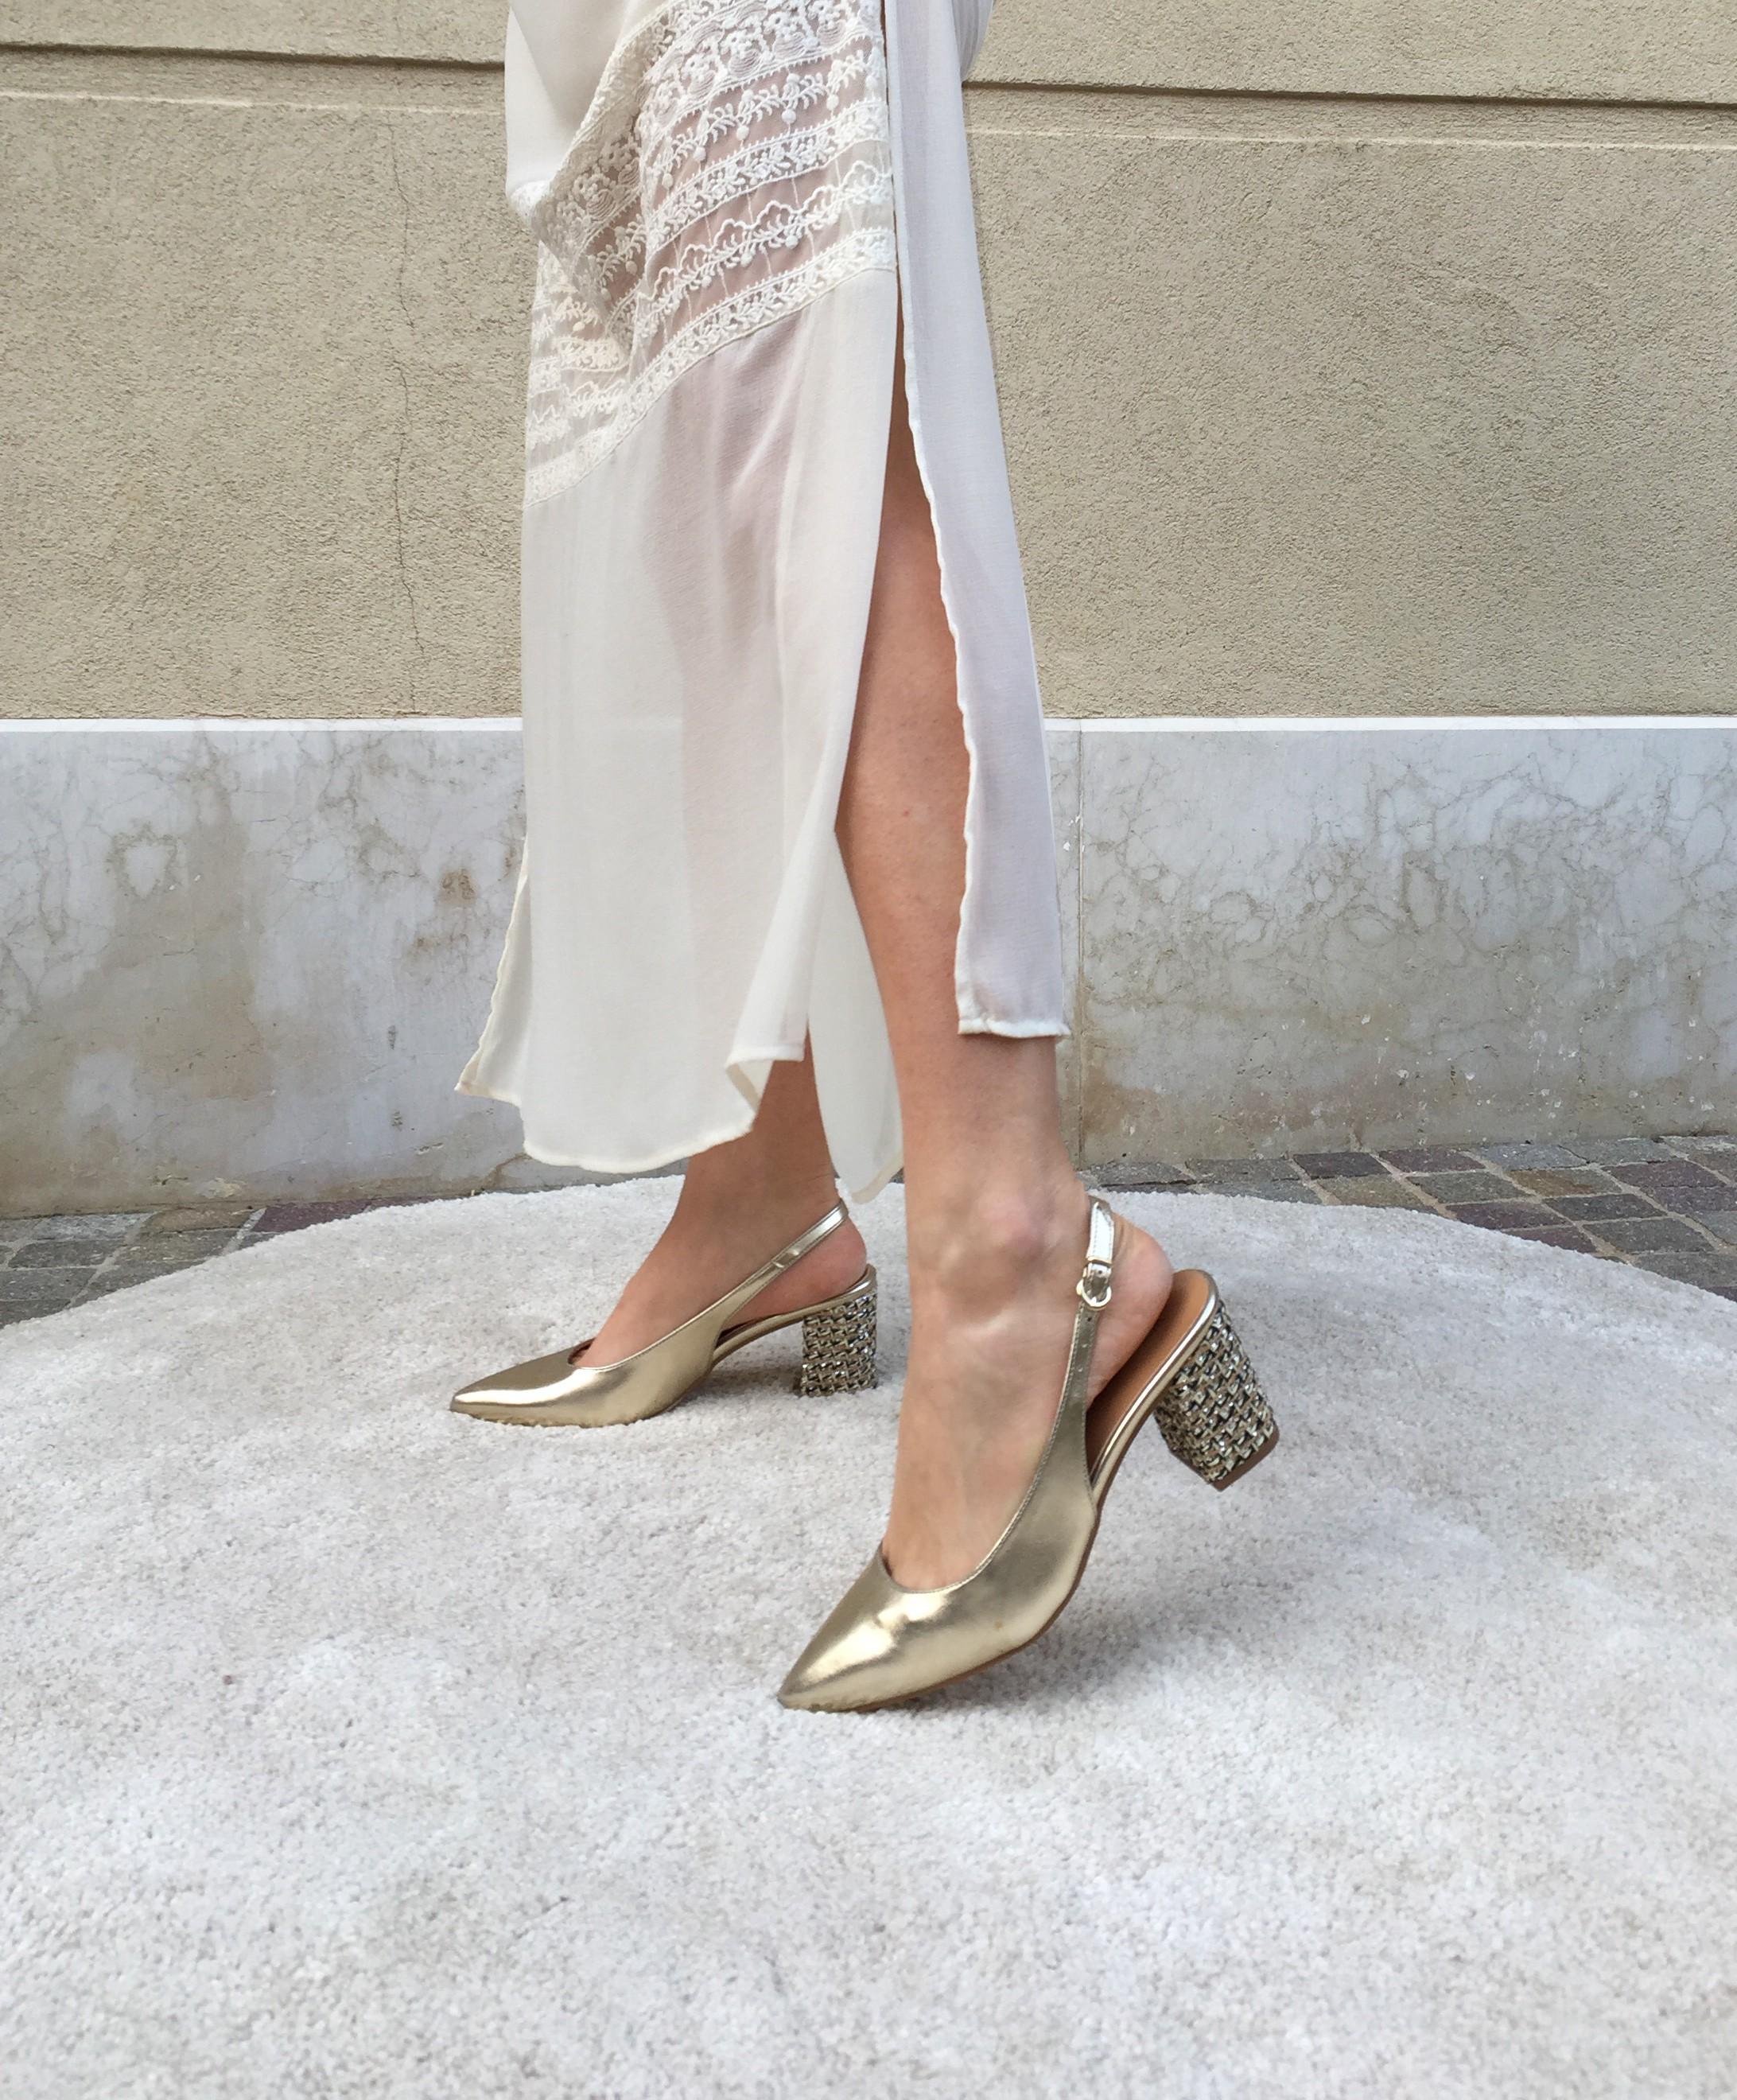 vsi scarpe sposa donna oro strass punta tacco largo